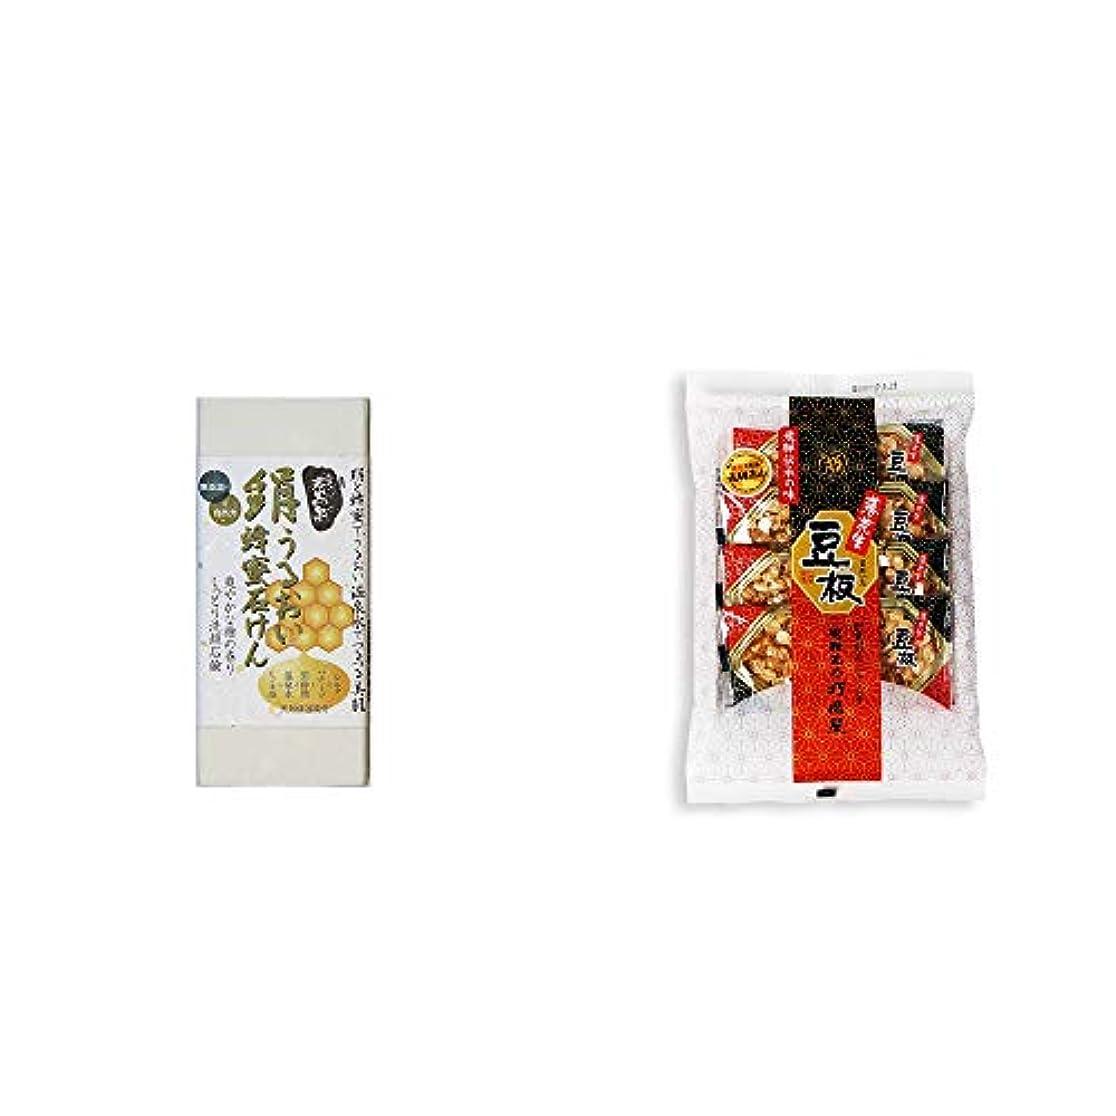 歩き回る醸造所キャスト[2点セット] ひのき炭黒泉 絹うるおい蜂蜜石けん(75g×2)?飛騨銘菓「打保屋」の駄菓子 豆板(8枚入)